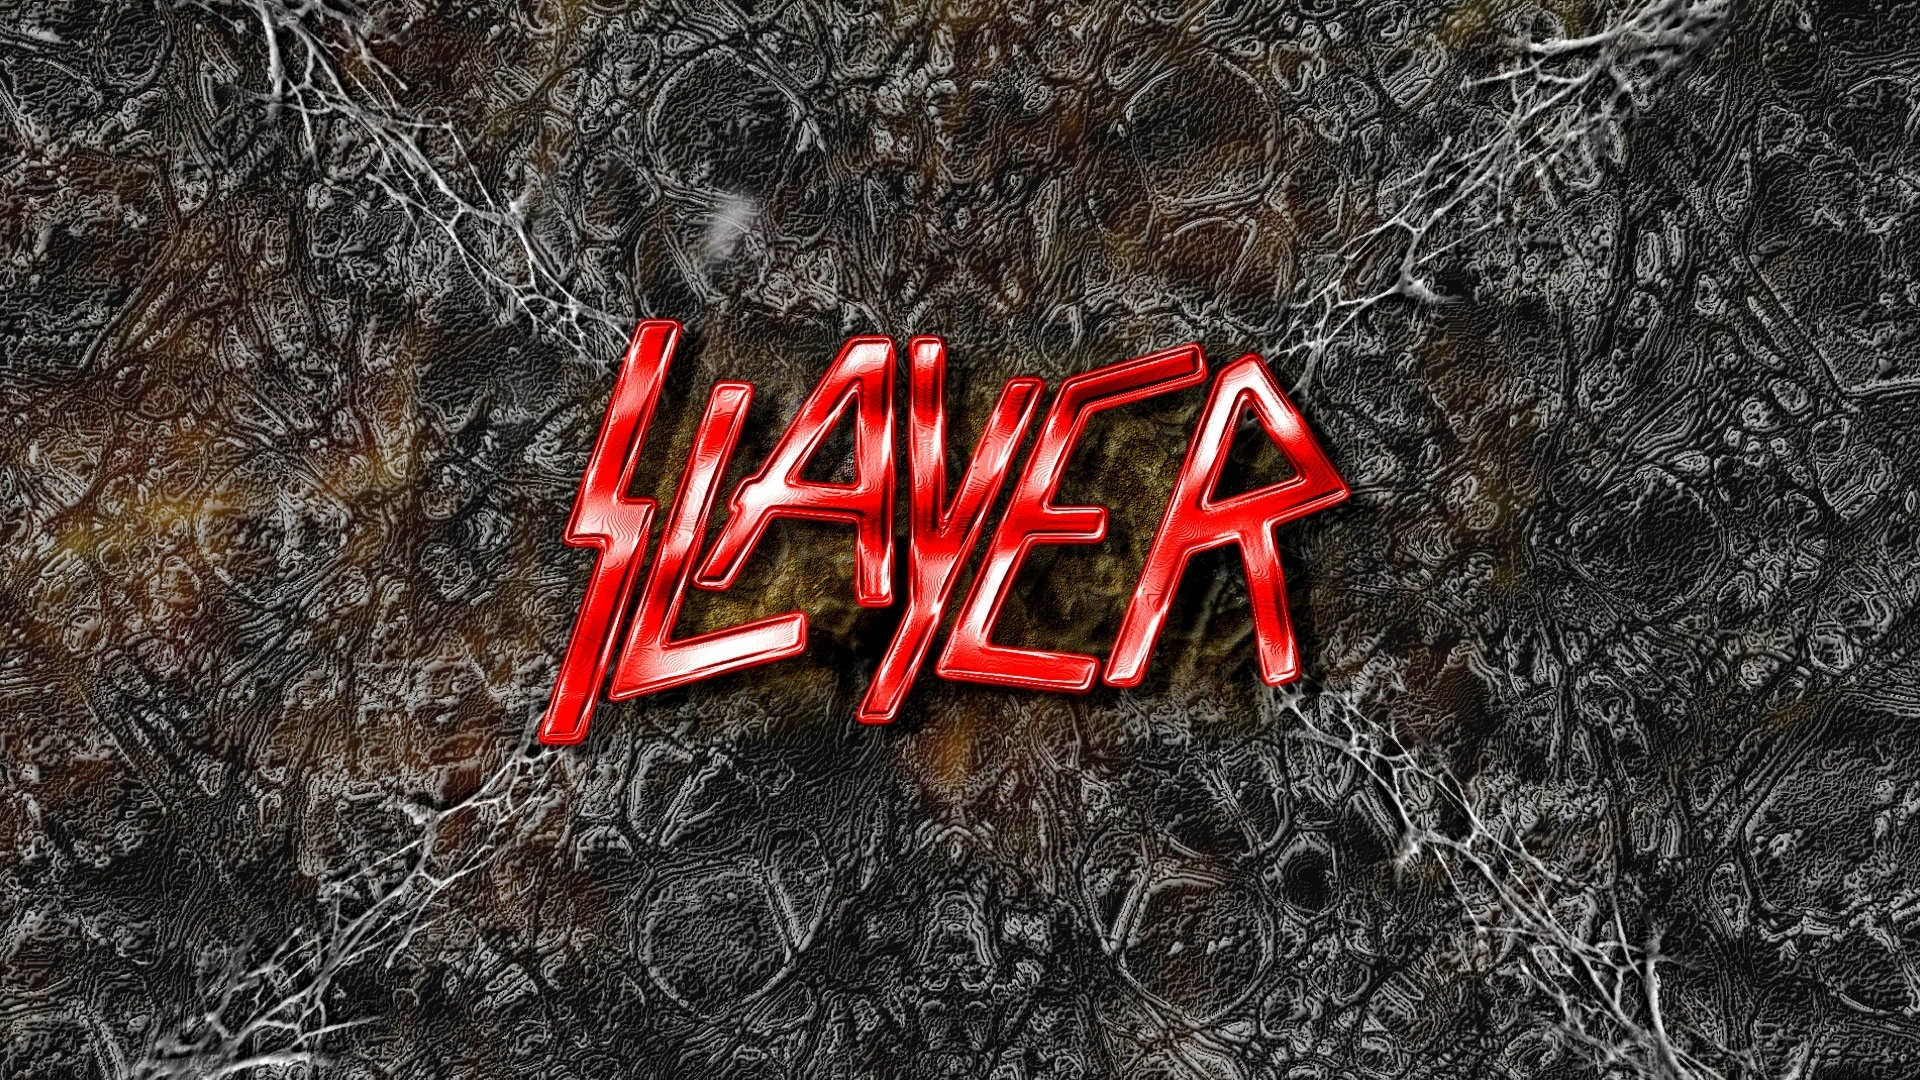 Slayer pc wallpaper